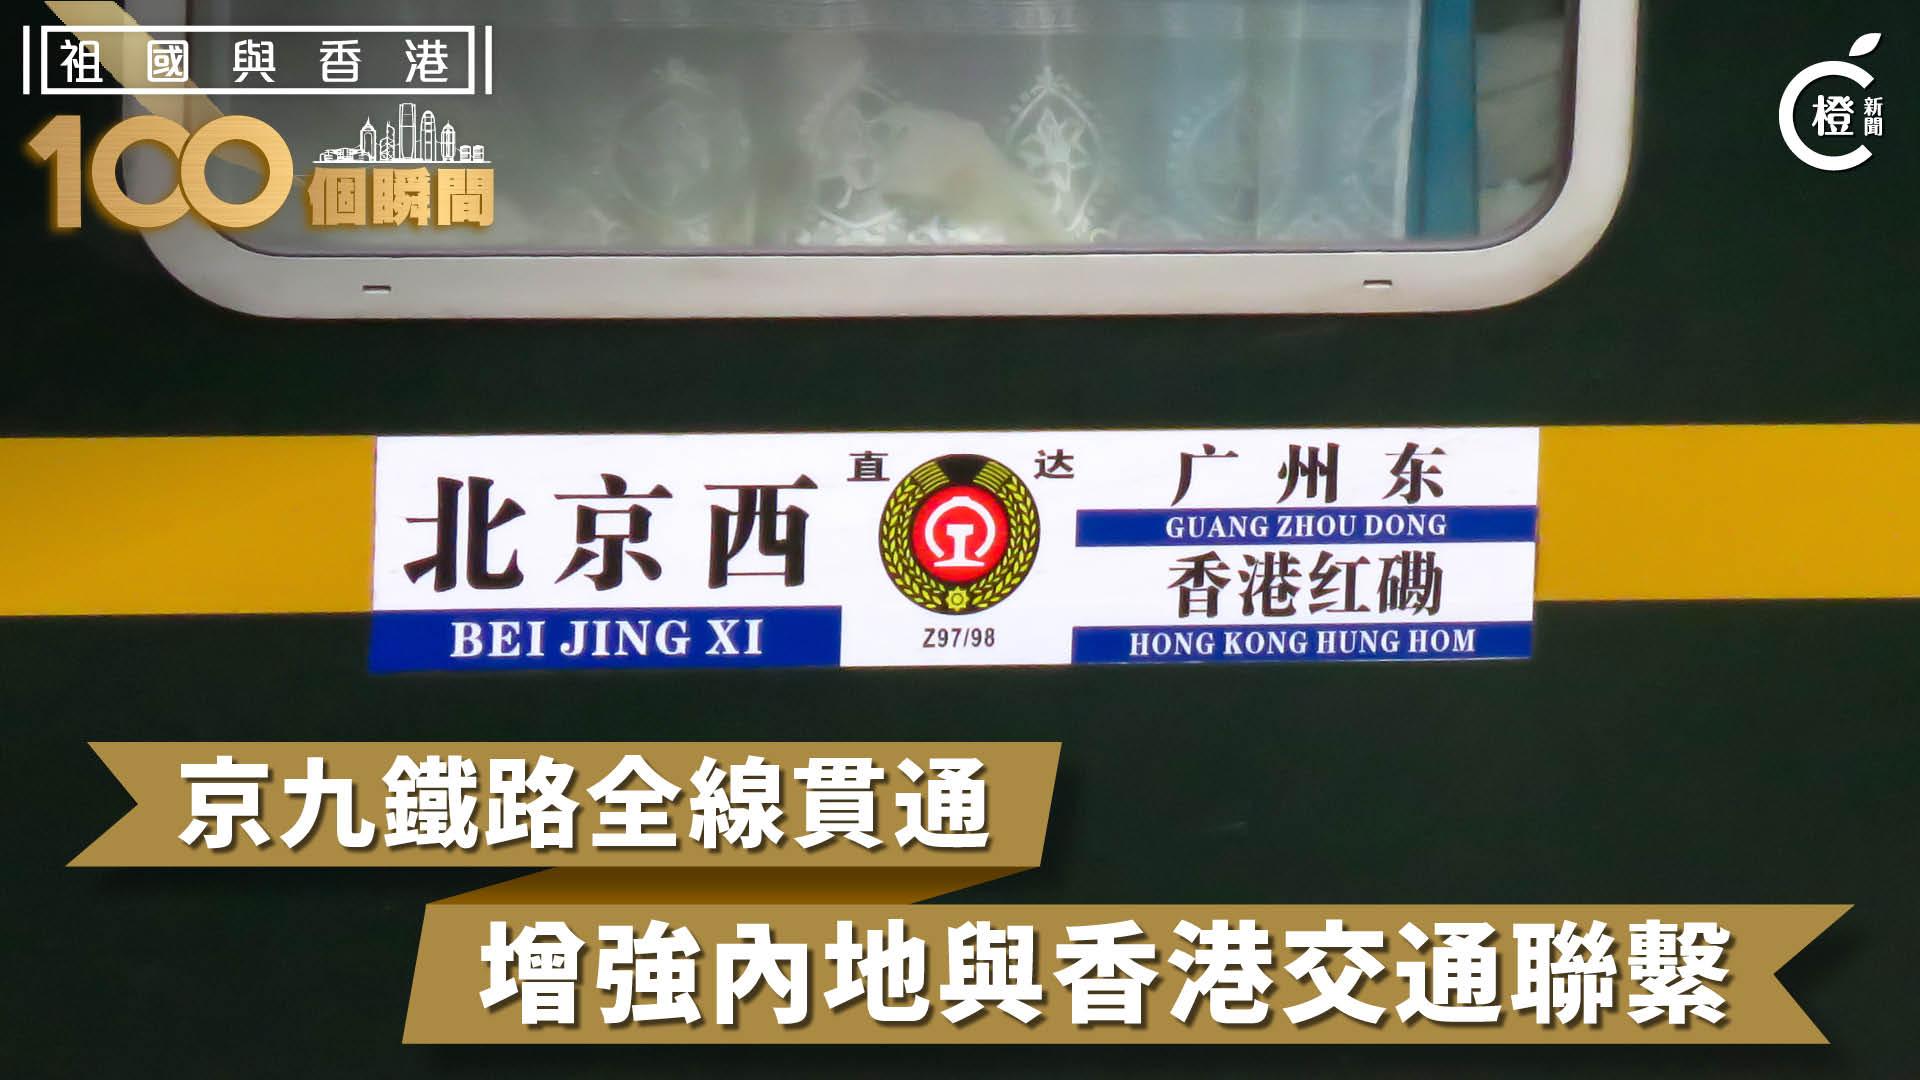 【祖國與香港100個瞬間】京九鐵路全線貫通 增強內地與香港交通聯繫